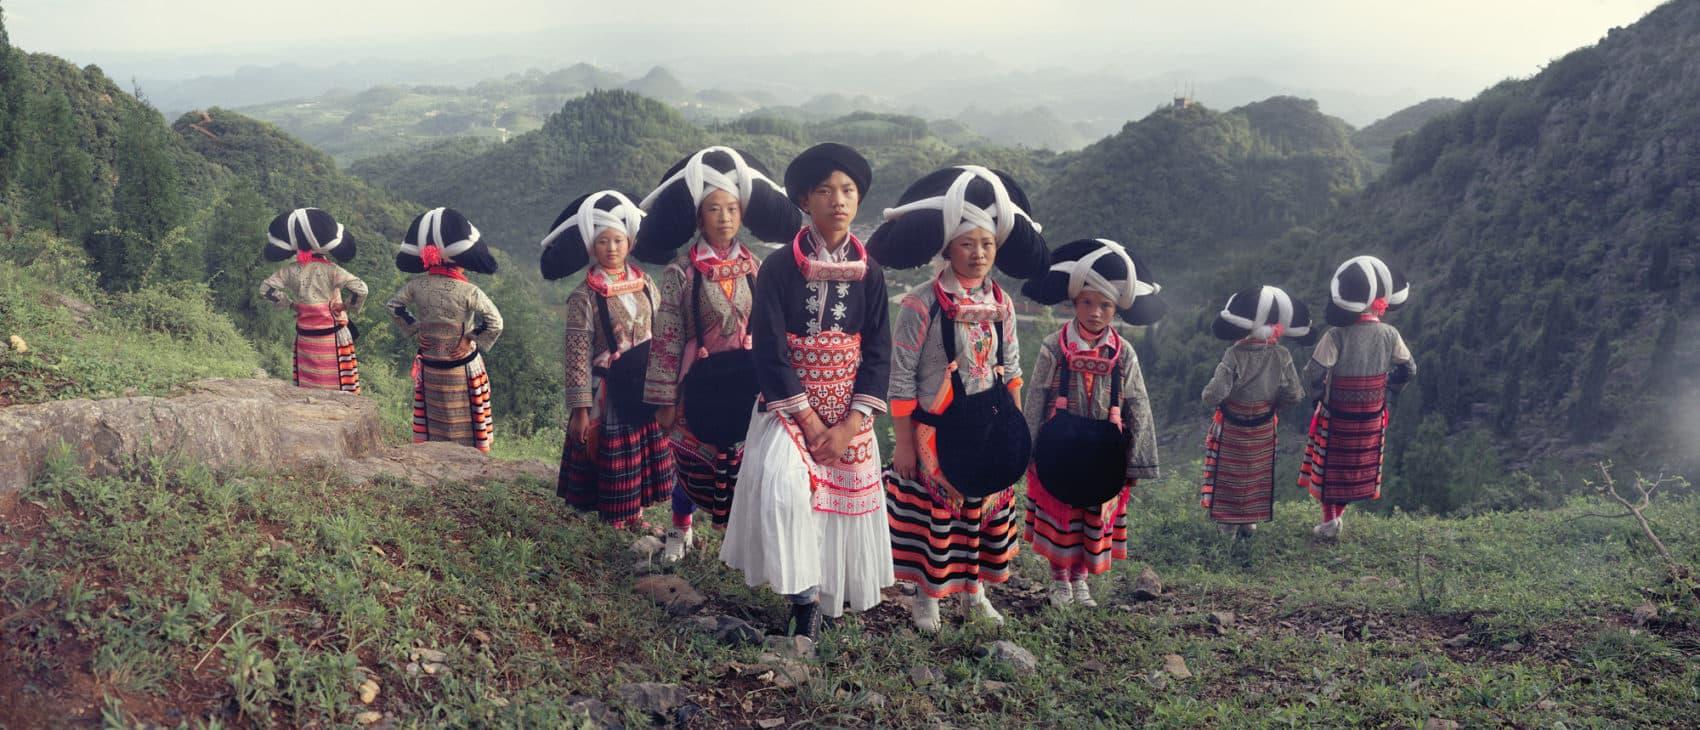 Longhorn, Suo Jia, Liuzhi, Liupanshui, Guizhou. (© Jimmy Nelson Pictures BV)